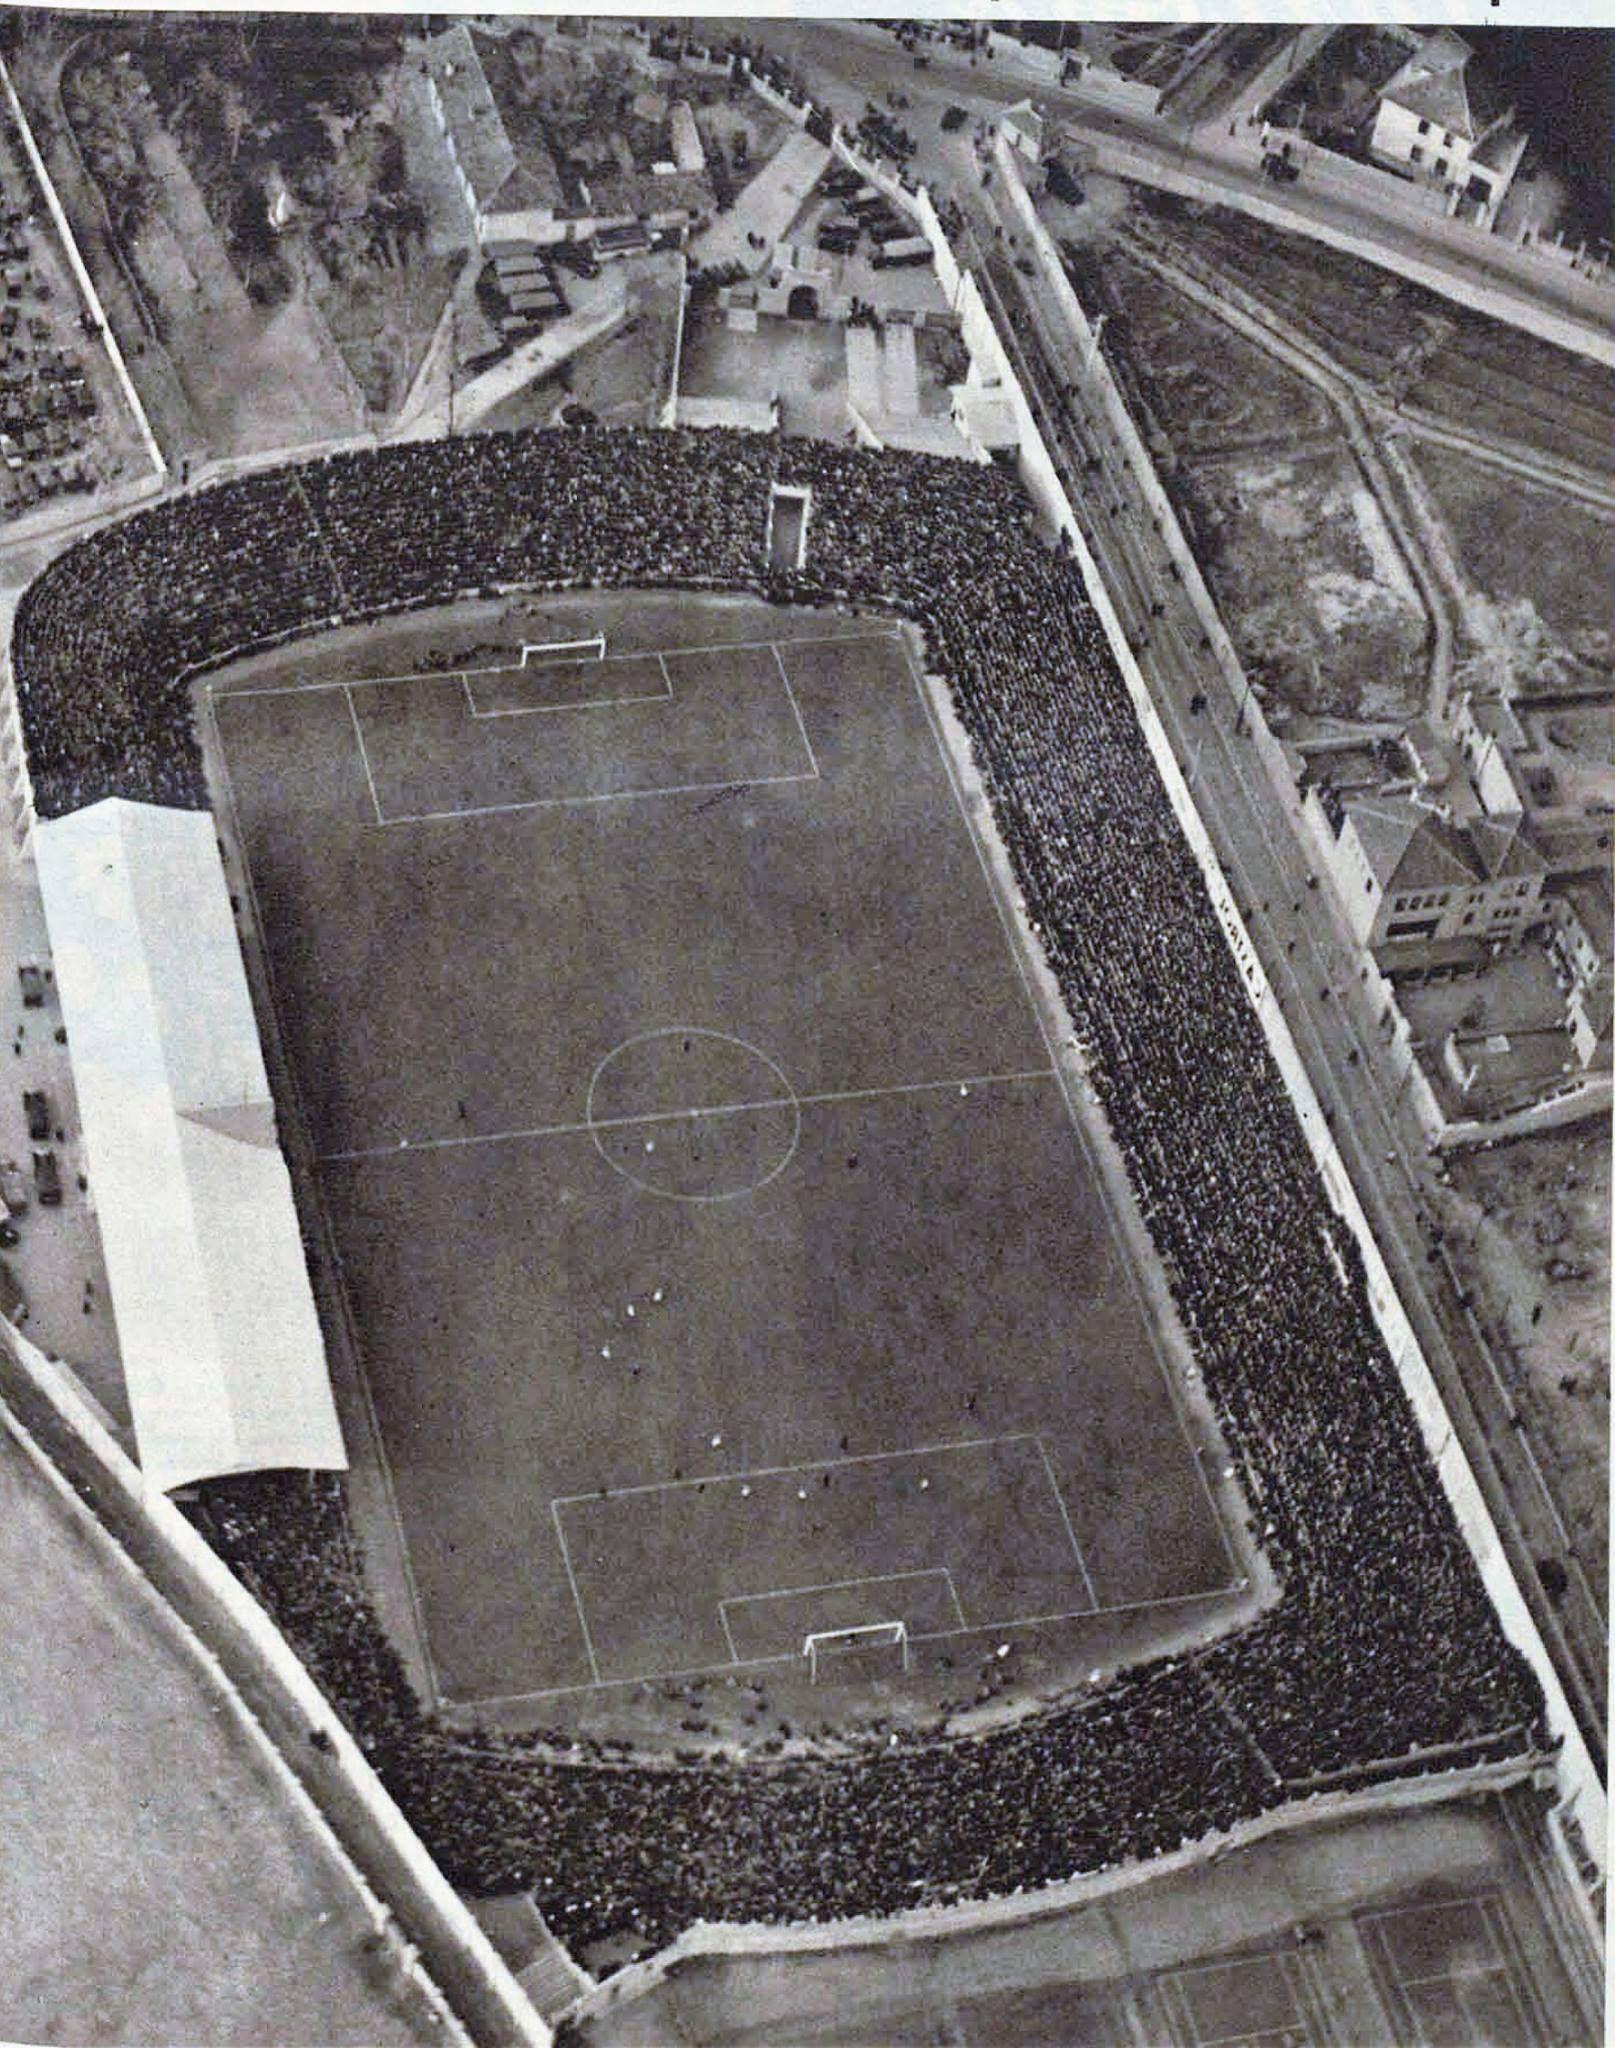 Trazado original del campo de Chamartín. Foto tomada el 25 de enero de 1935 durante en España- Francia